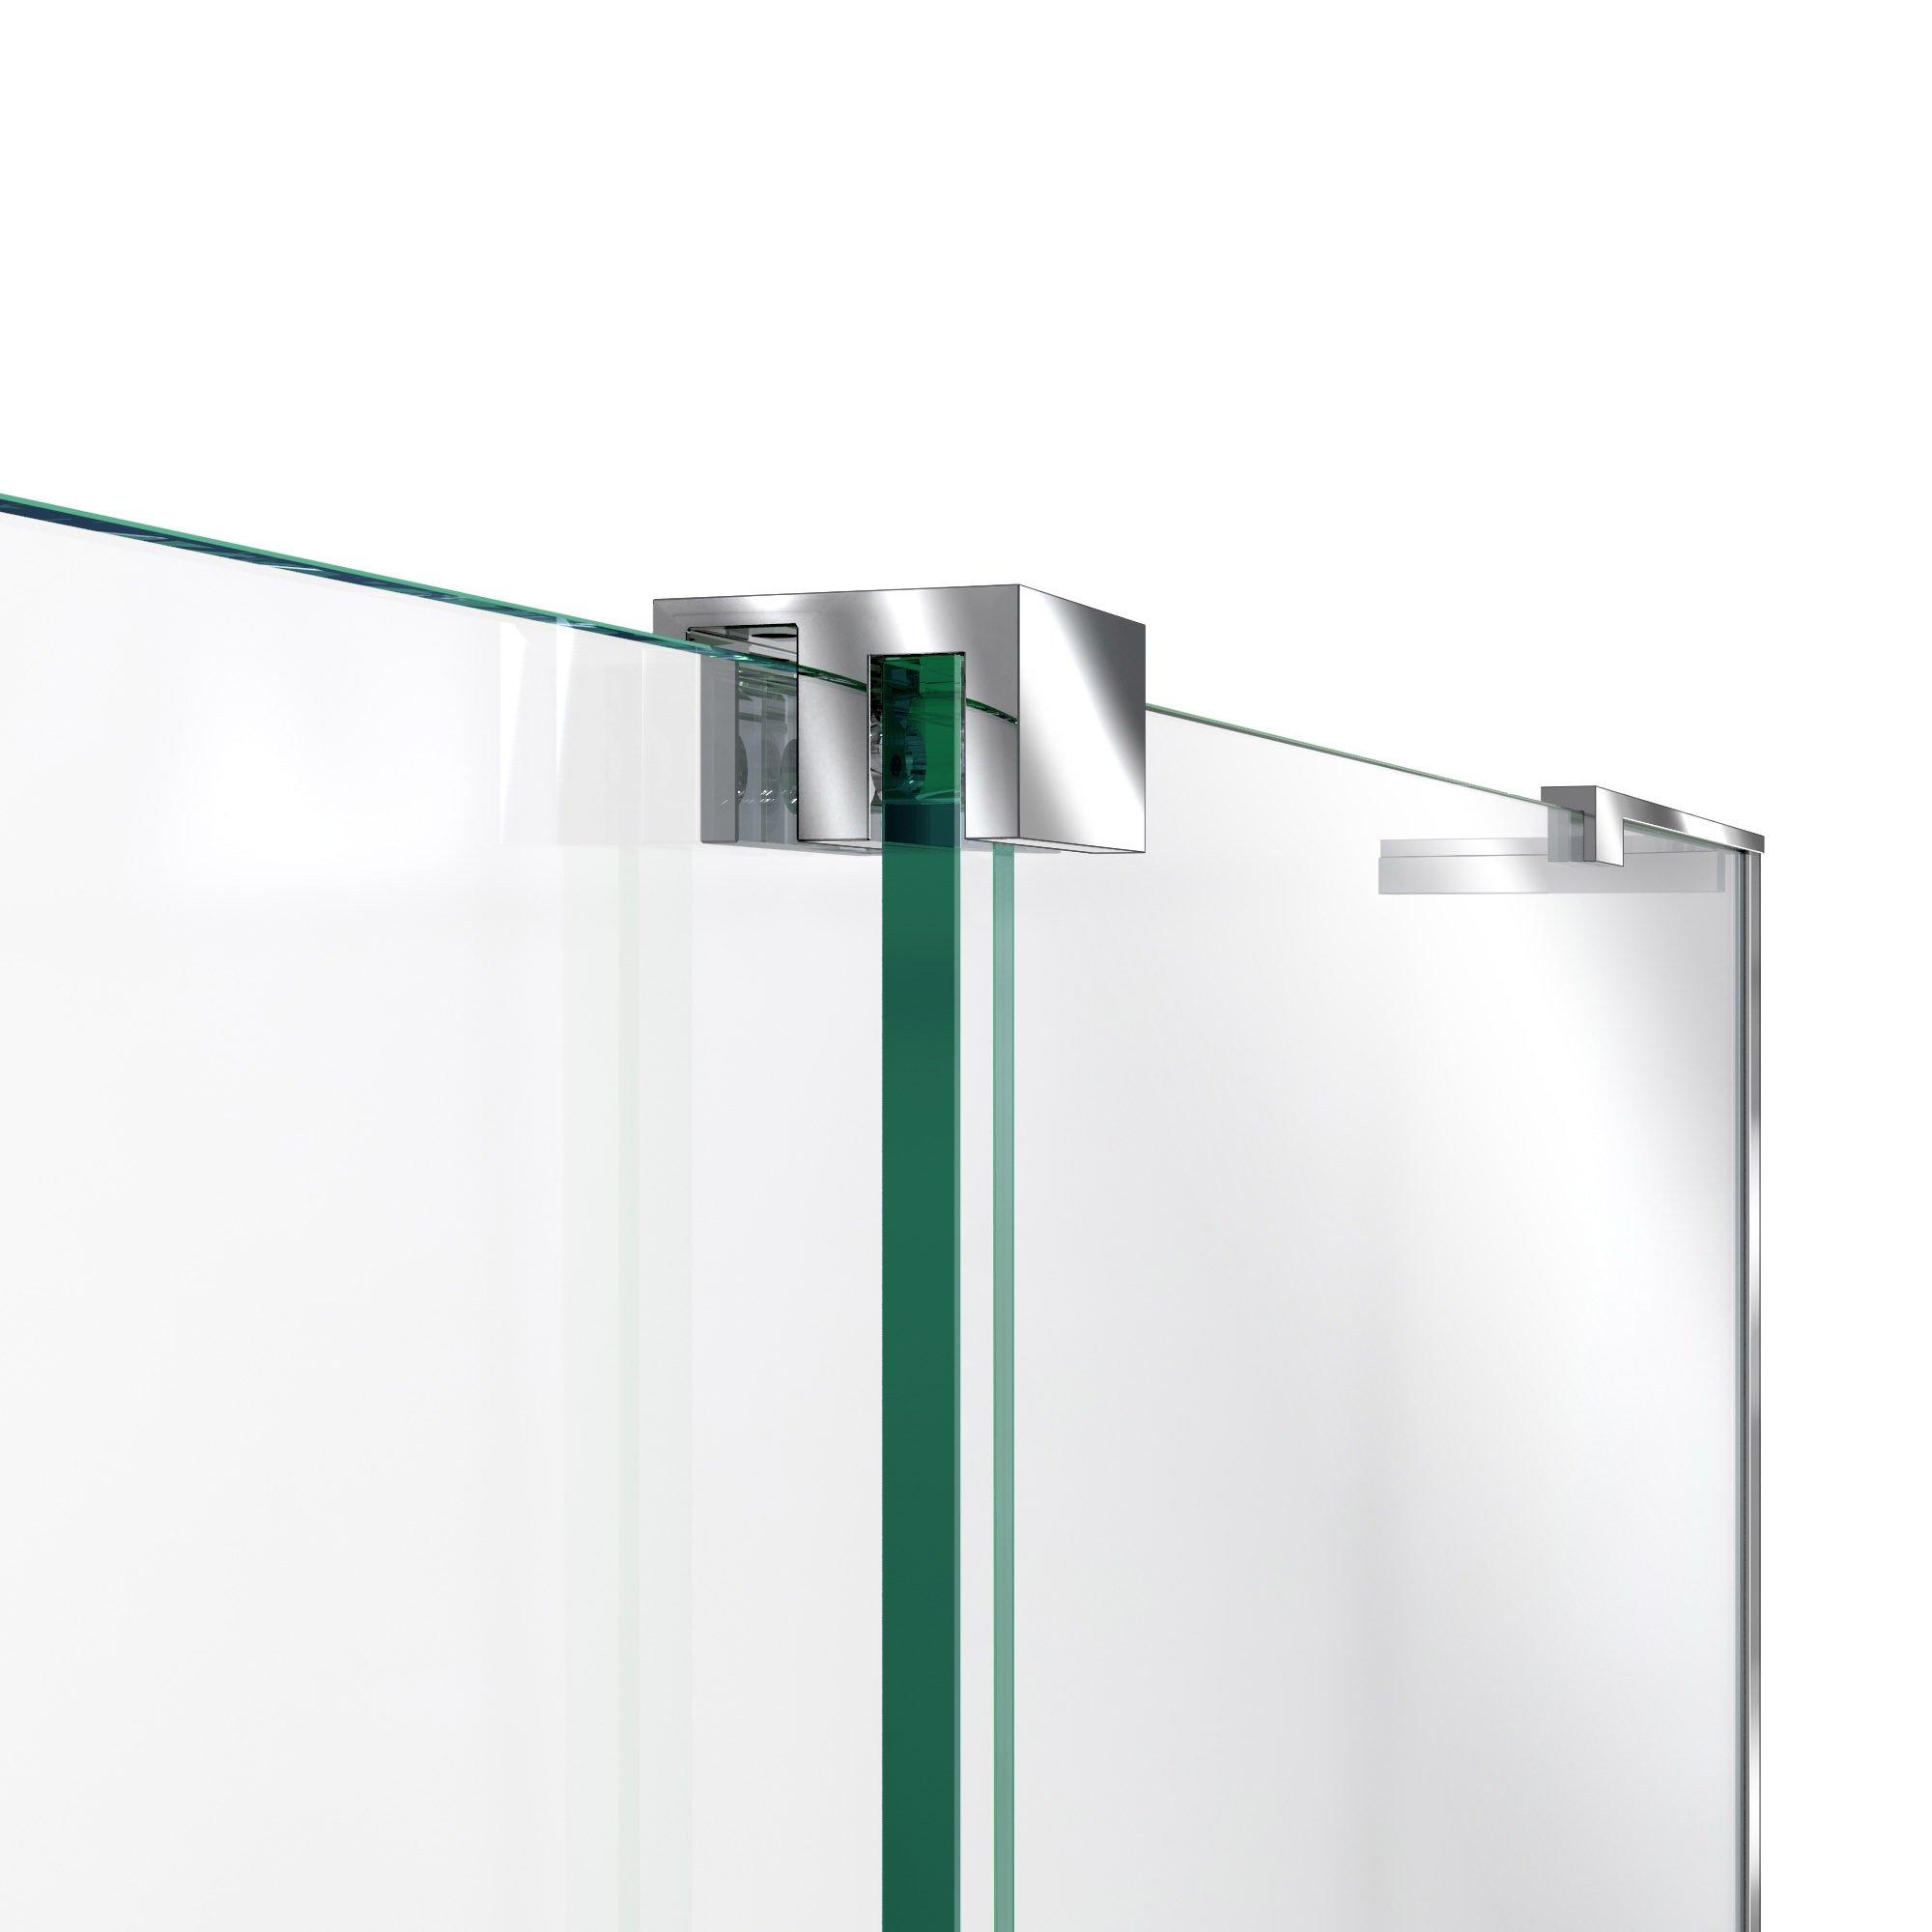 DreamLine Mirage-X 56-60 in. Width, Frameless Sliding Tub Door, 3/8'' Glass, Chrome Finish by DreamLine (Image #5)